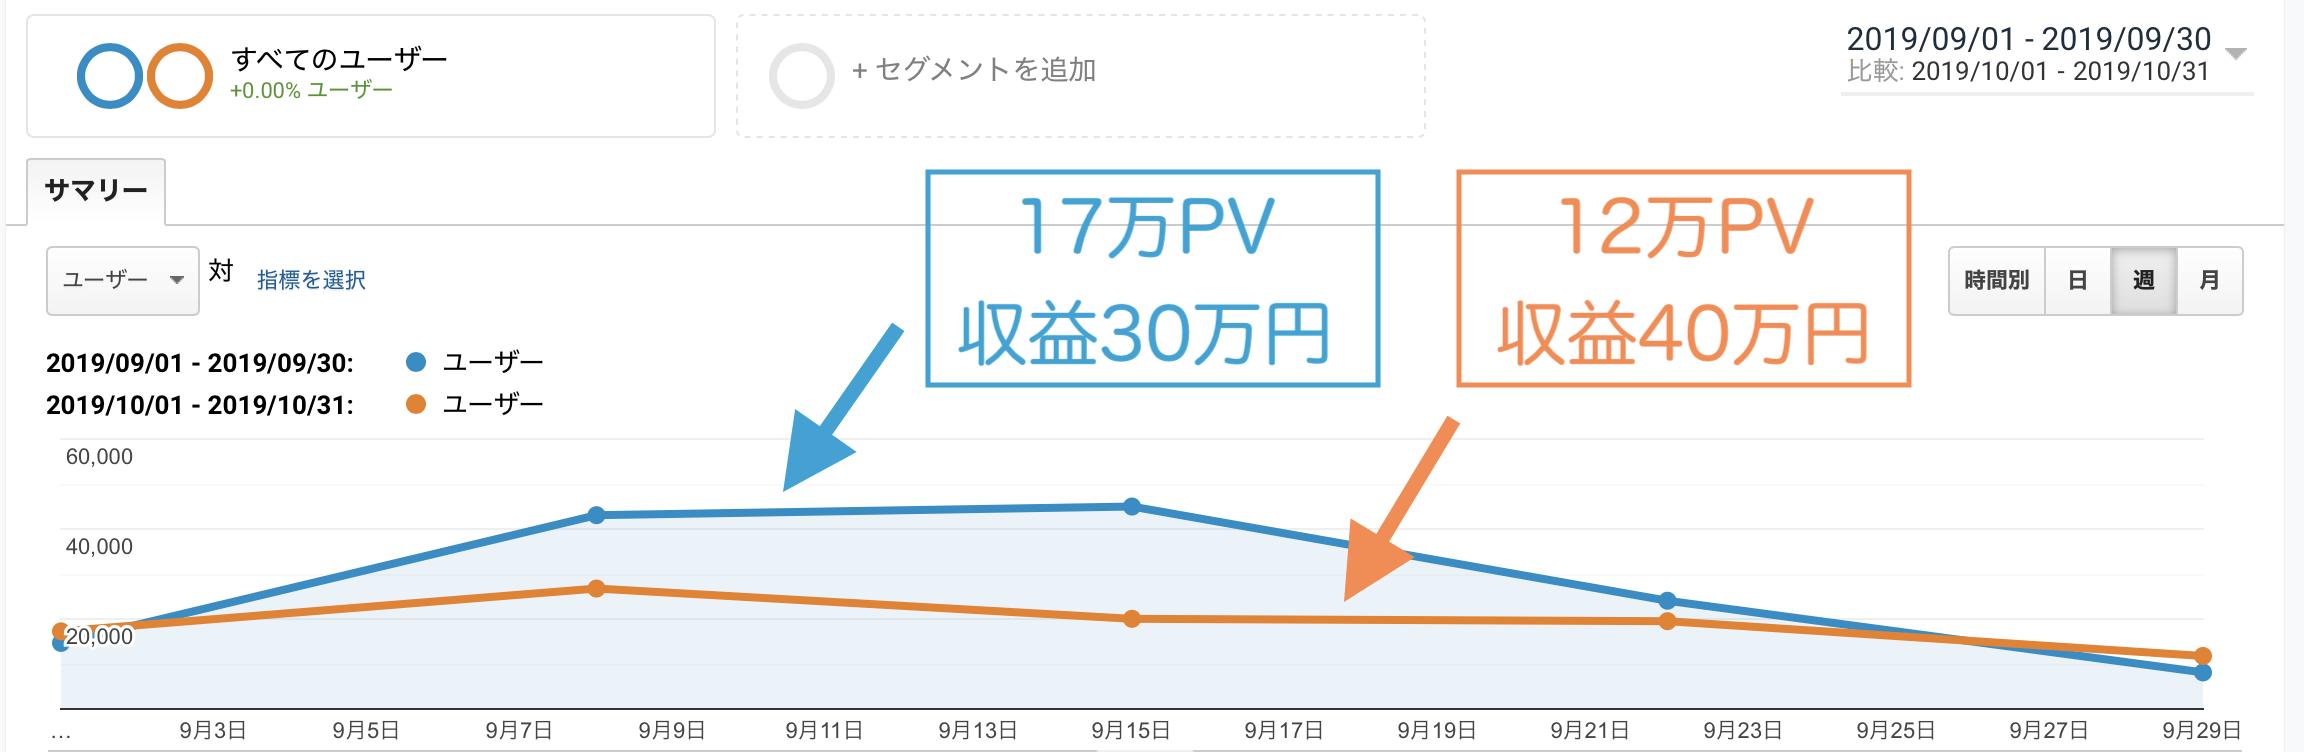 PVが多くても成約率(CVR)UPにはならない